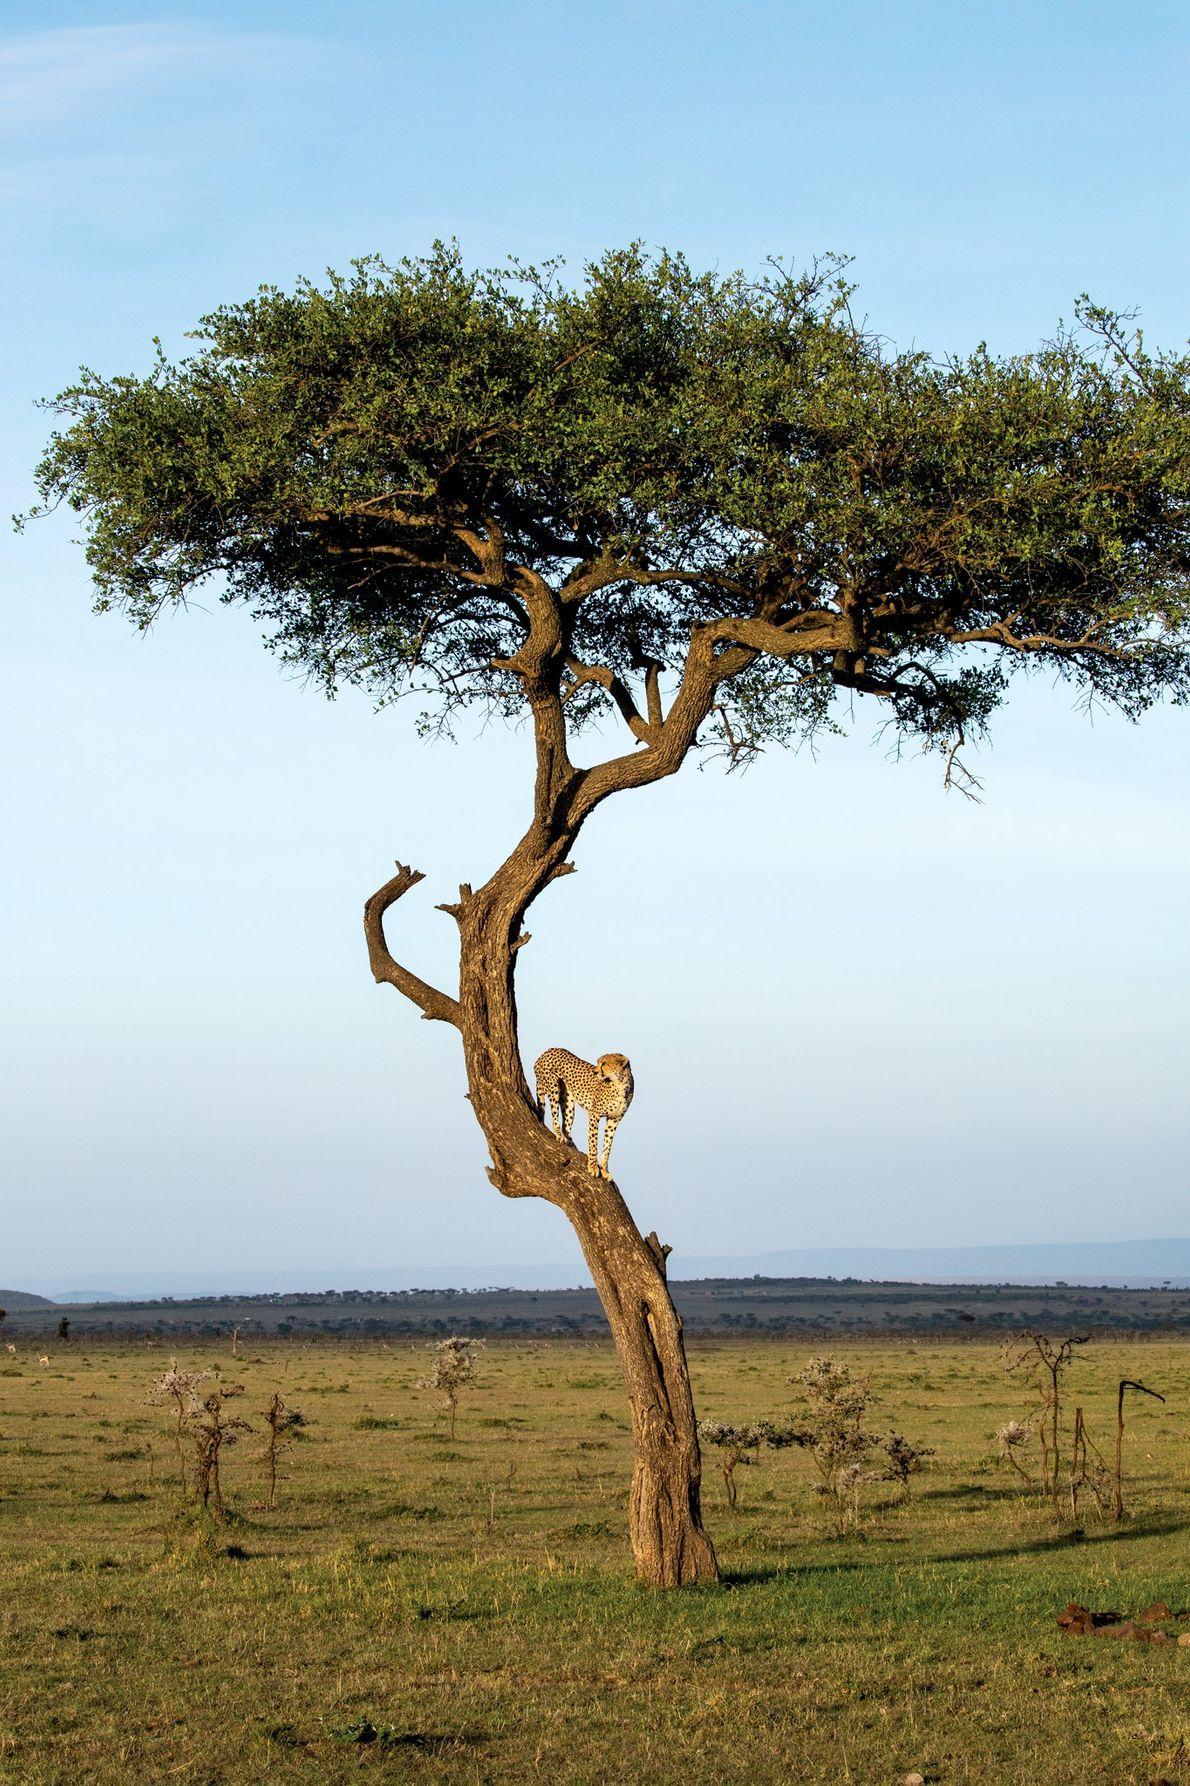 A conservação de Mara Naboisho é um refúgio para grandes felinos, incluindo chitas.